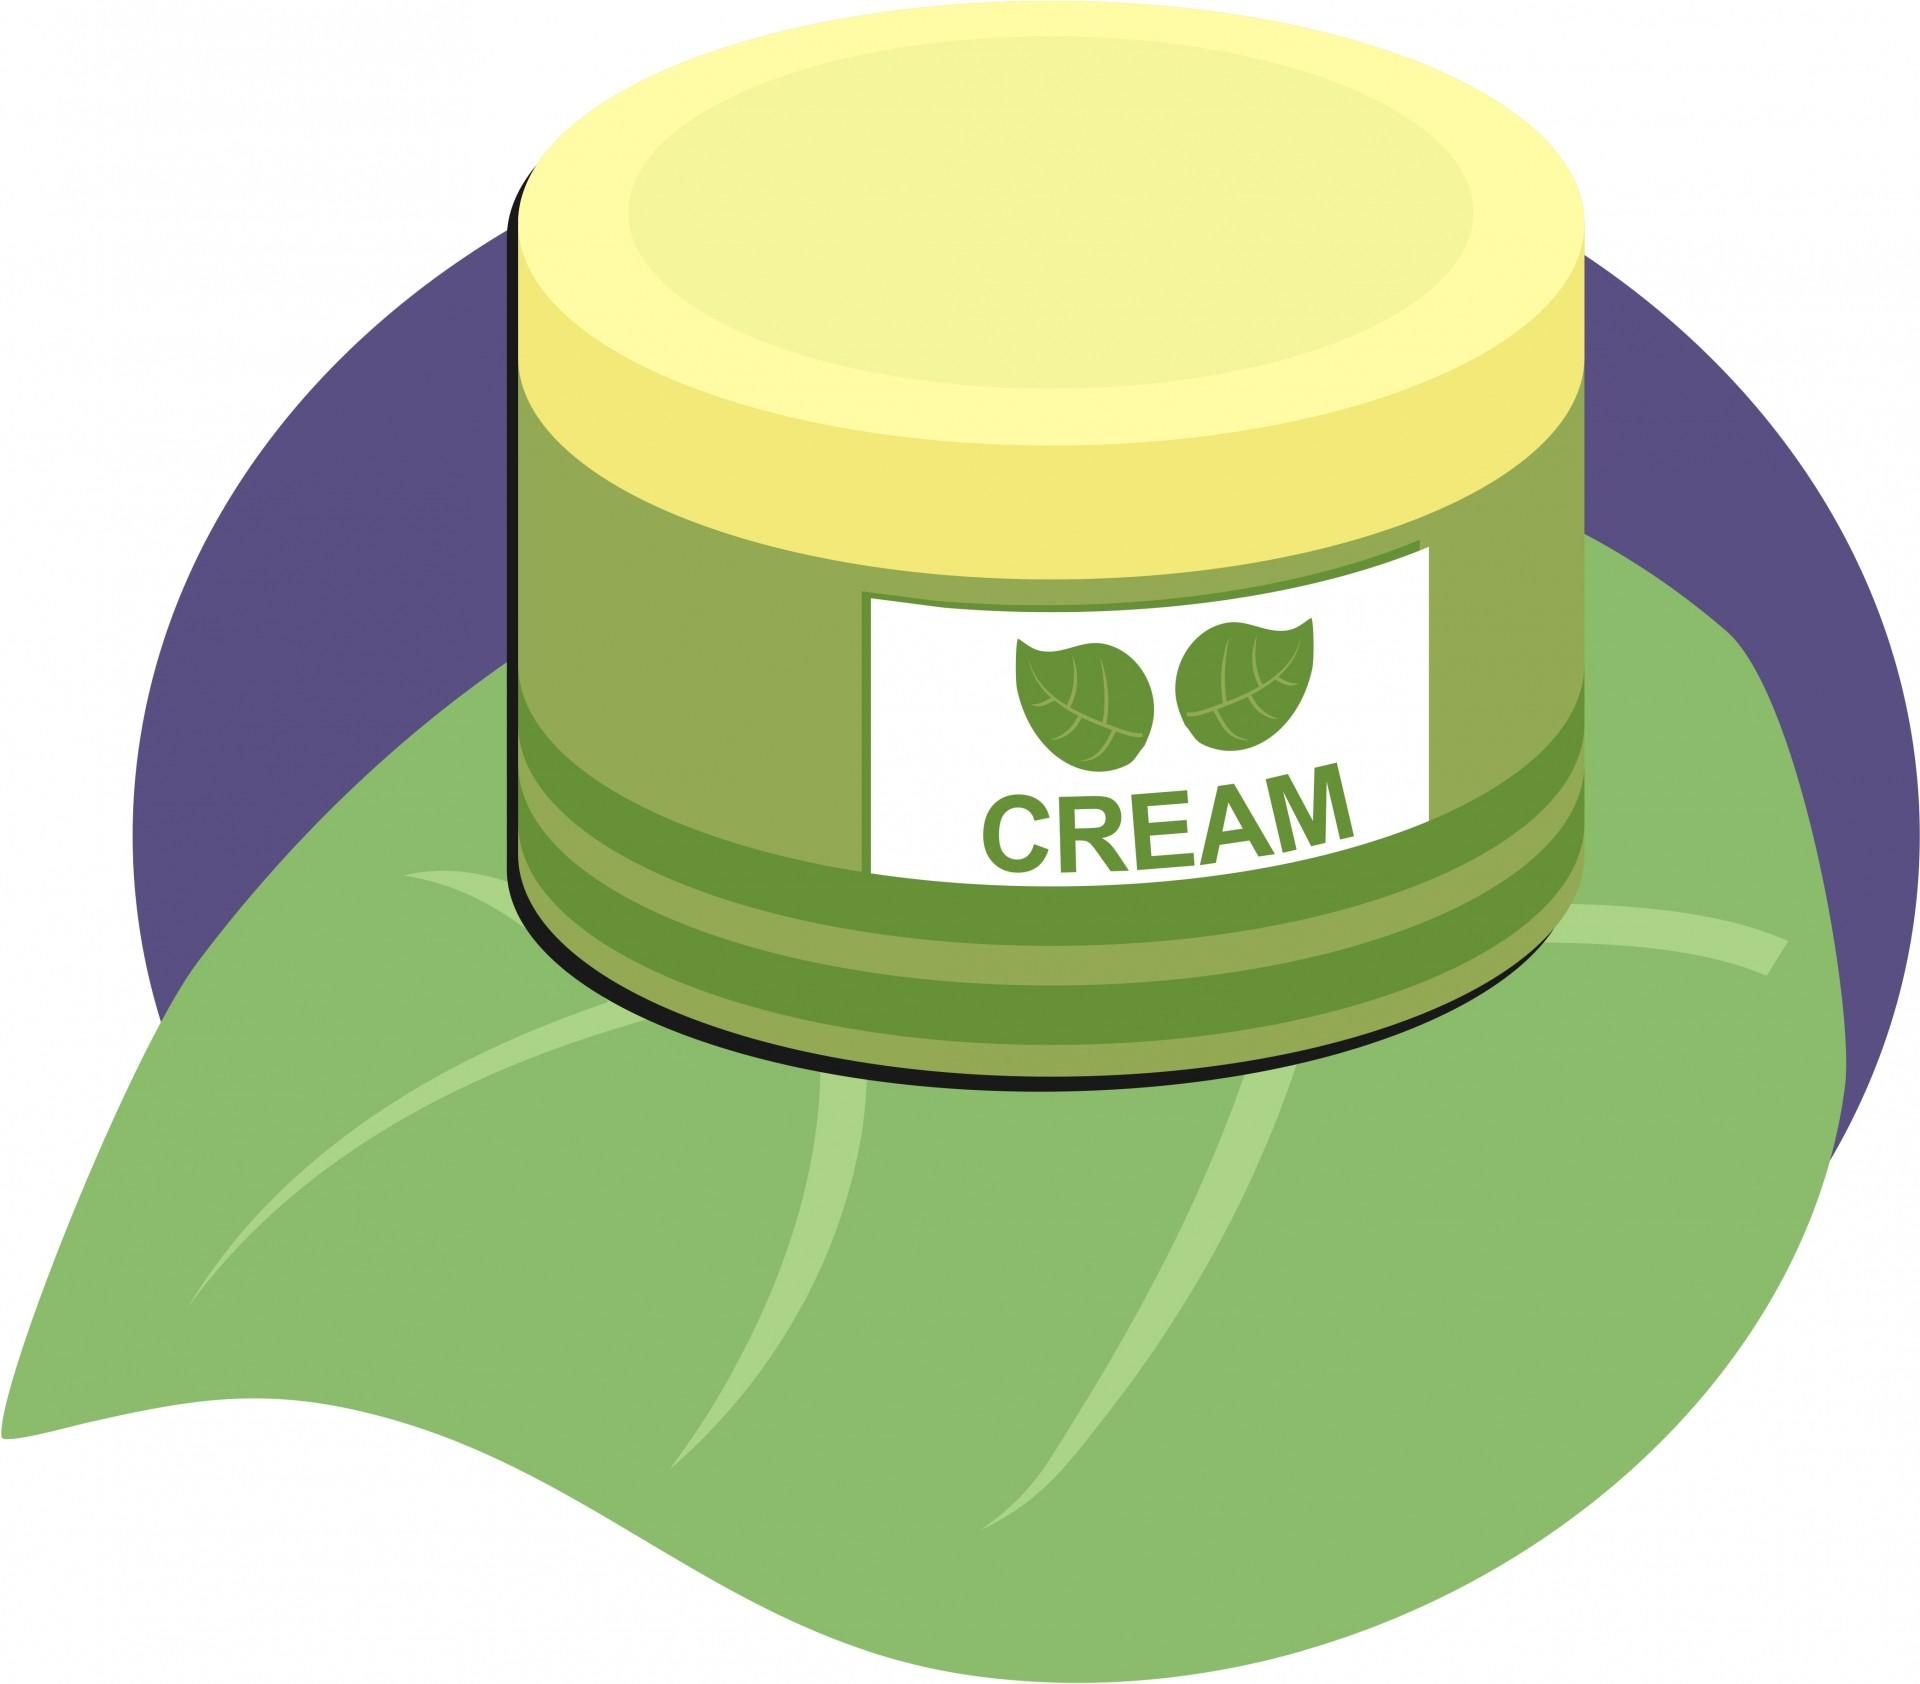 Cream clipart Cream Hand Stock Pictures Cream